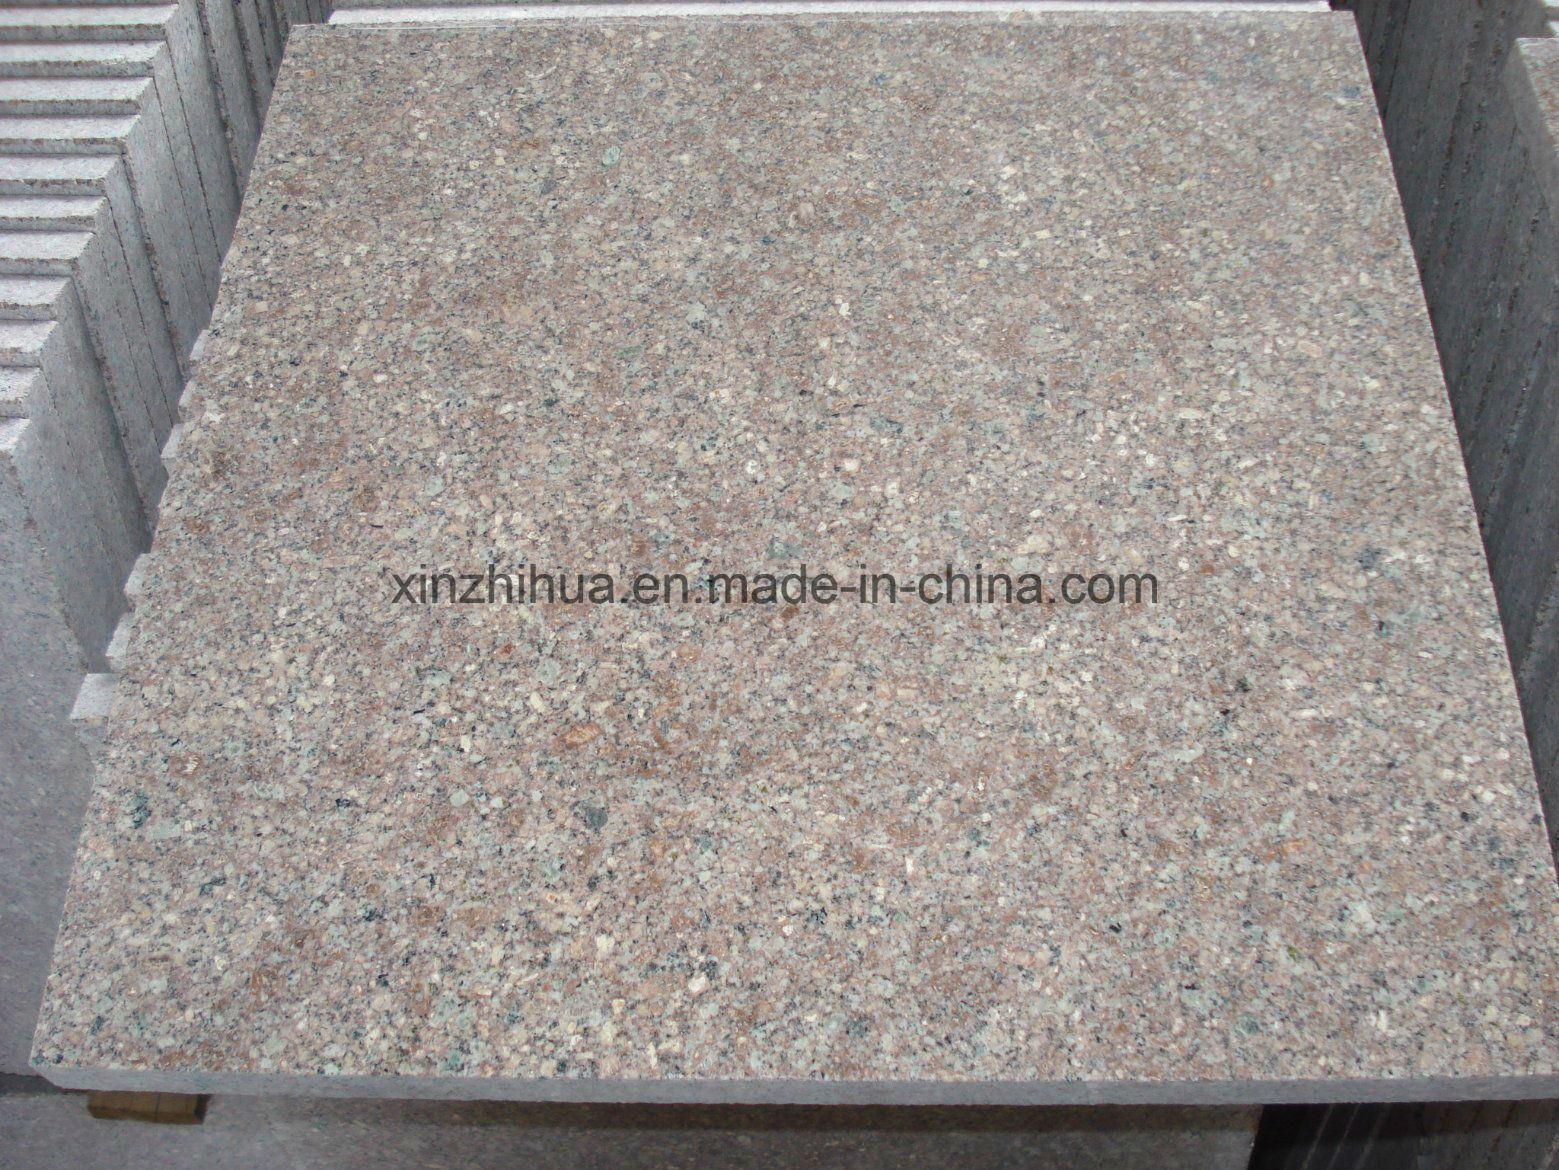 G611 Granite for Tiles/Stair Steps